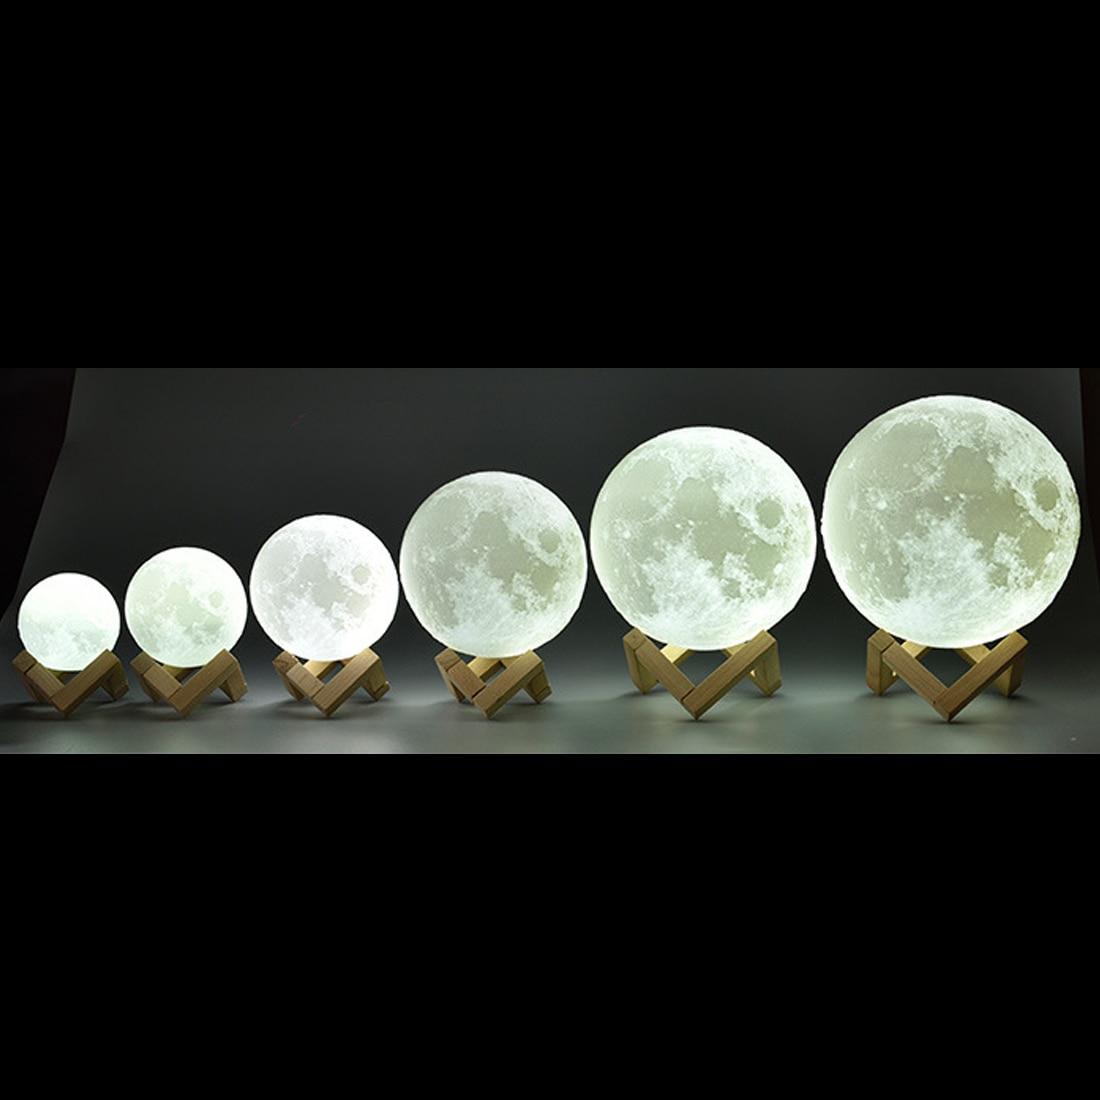 Rechargeable lune lampe 2 changement de couleur 3D lumière tactile interrupteur 3D impression lampe lune chambre bibliothèque veilleuse cadeaux créatifs